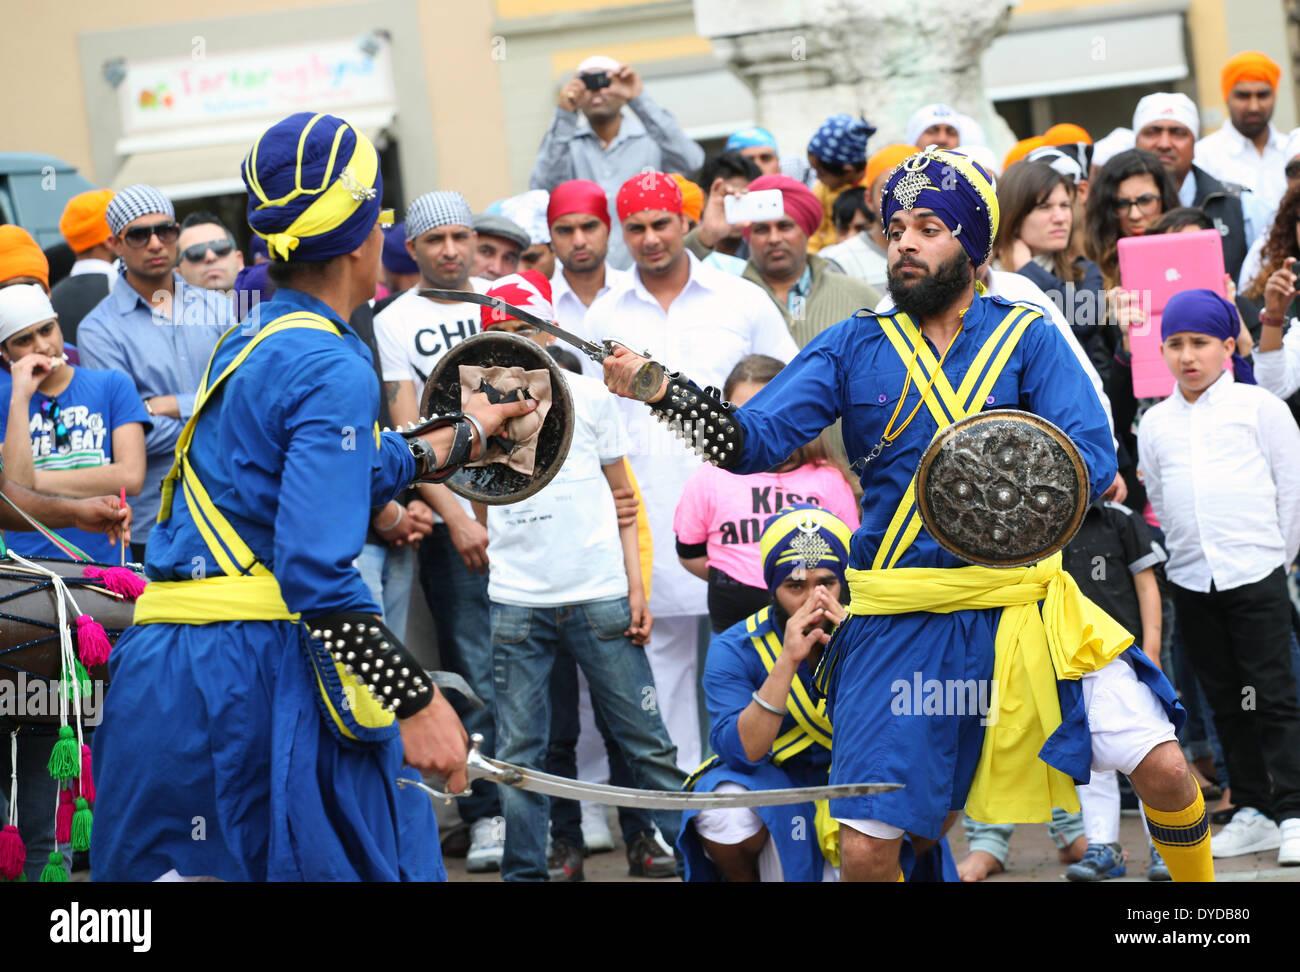 SAN GIOVANNI VALDARNO, Toscana, Italia - 15 April, 2014. NagarKirtan, Indiano processione religiosa ha celebrato Foto Stock